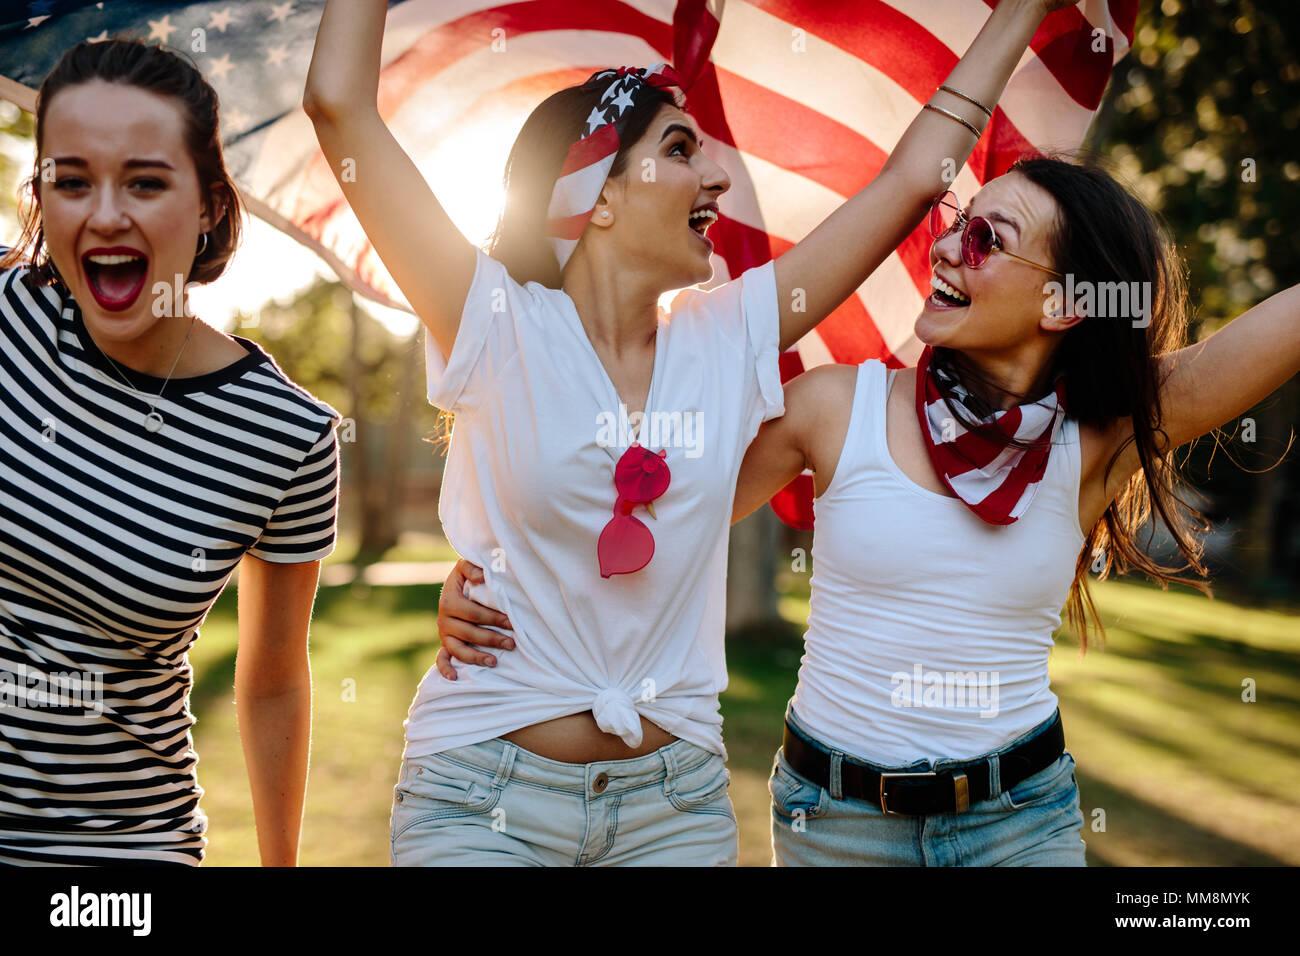 Tre giovani amici di sesso femminile con bandiera americana divertirsi nel parco. Gruppo sorridente delle donne per celebrare il 4 luglio all'esterno. Immagini Stock